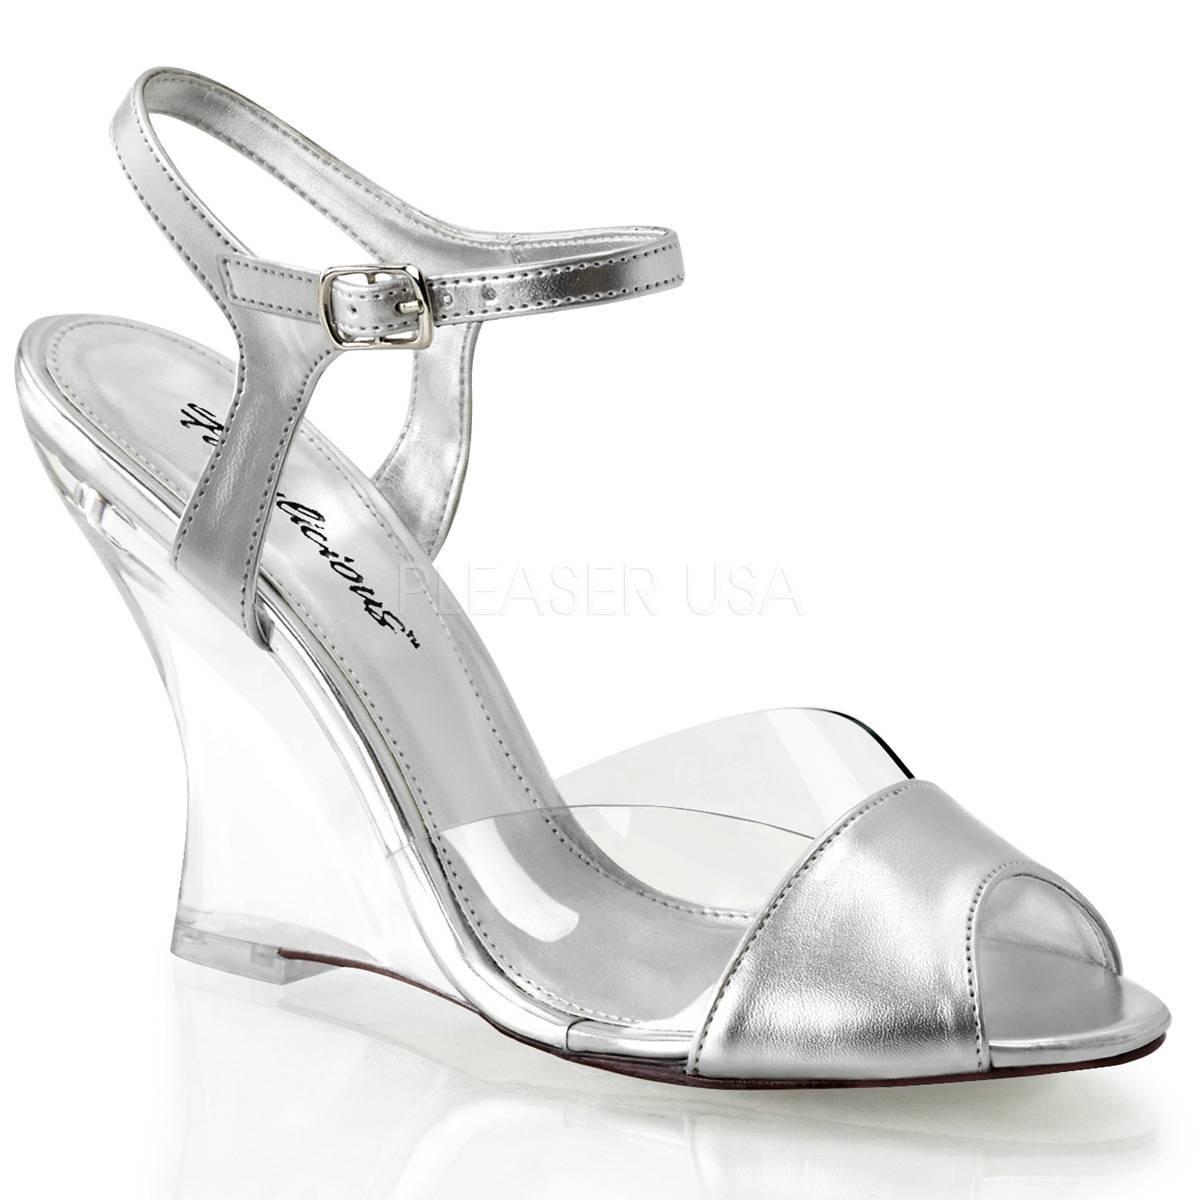 Sandalen - LOVELY 442 ° Damen Sandalette ° Silber Matt ° Fabulicious  - Onlineshop RedSixty